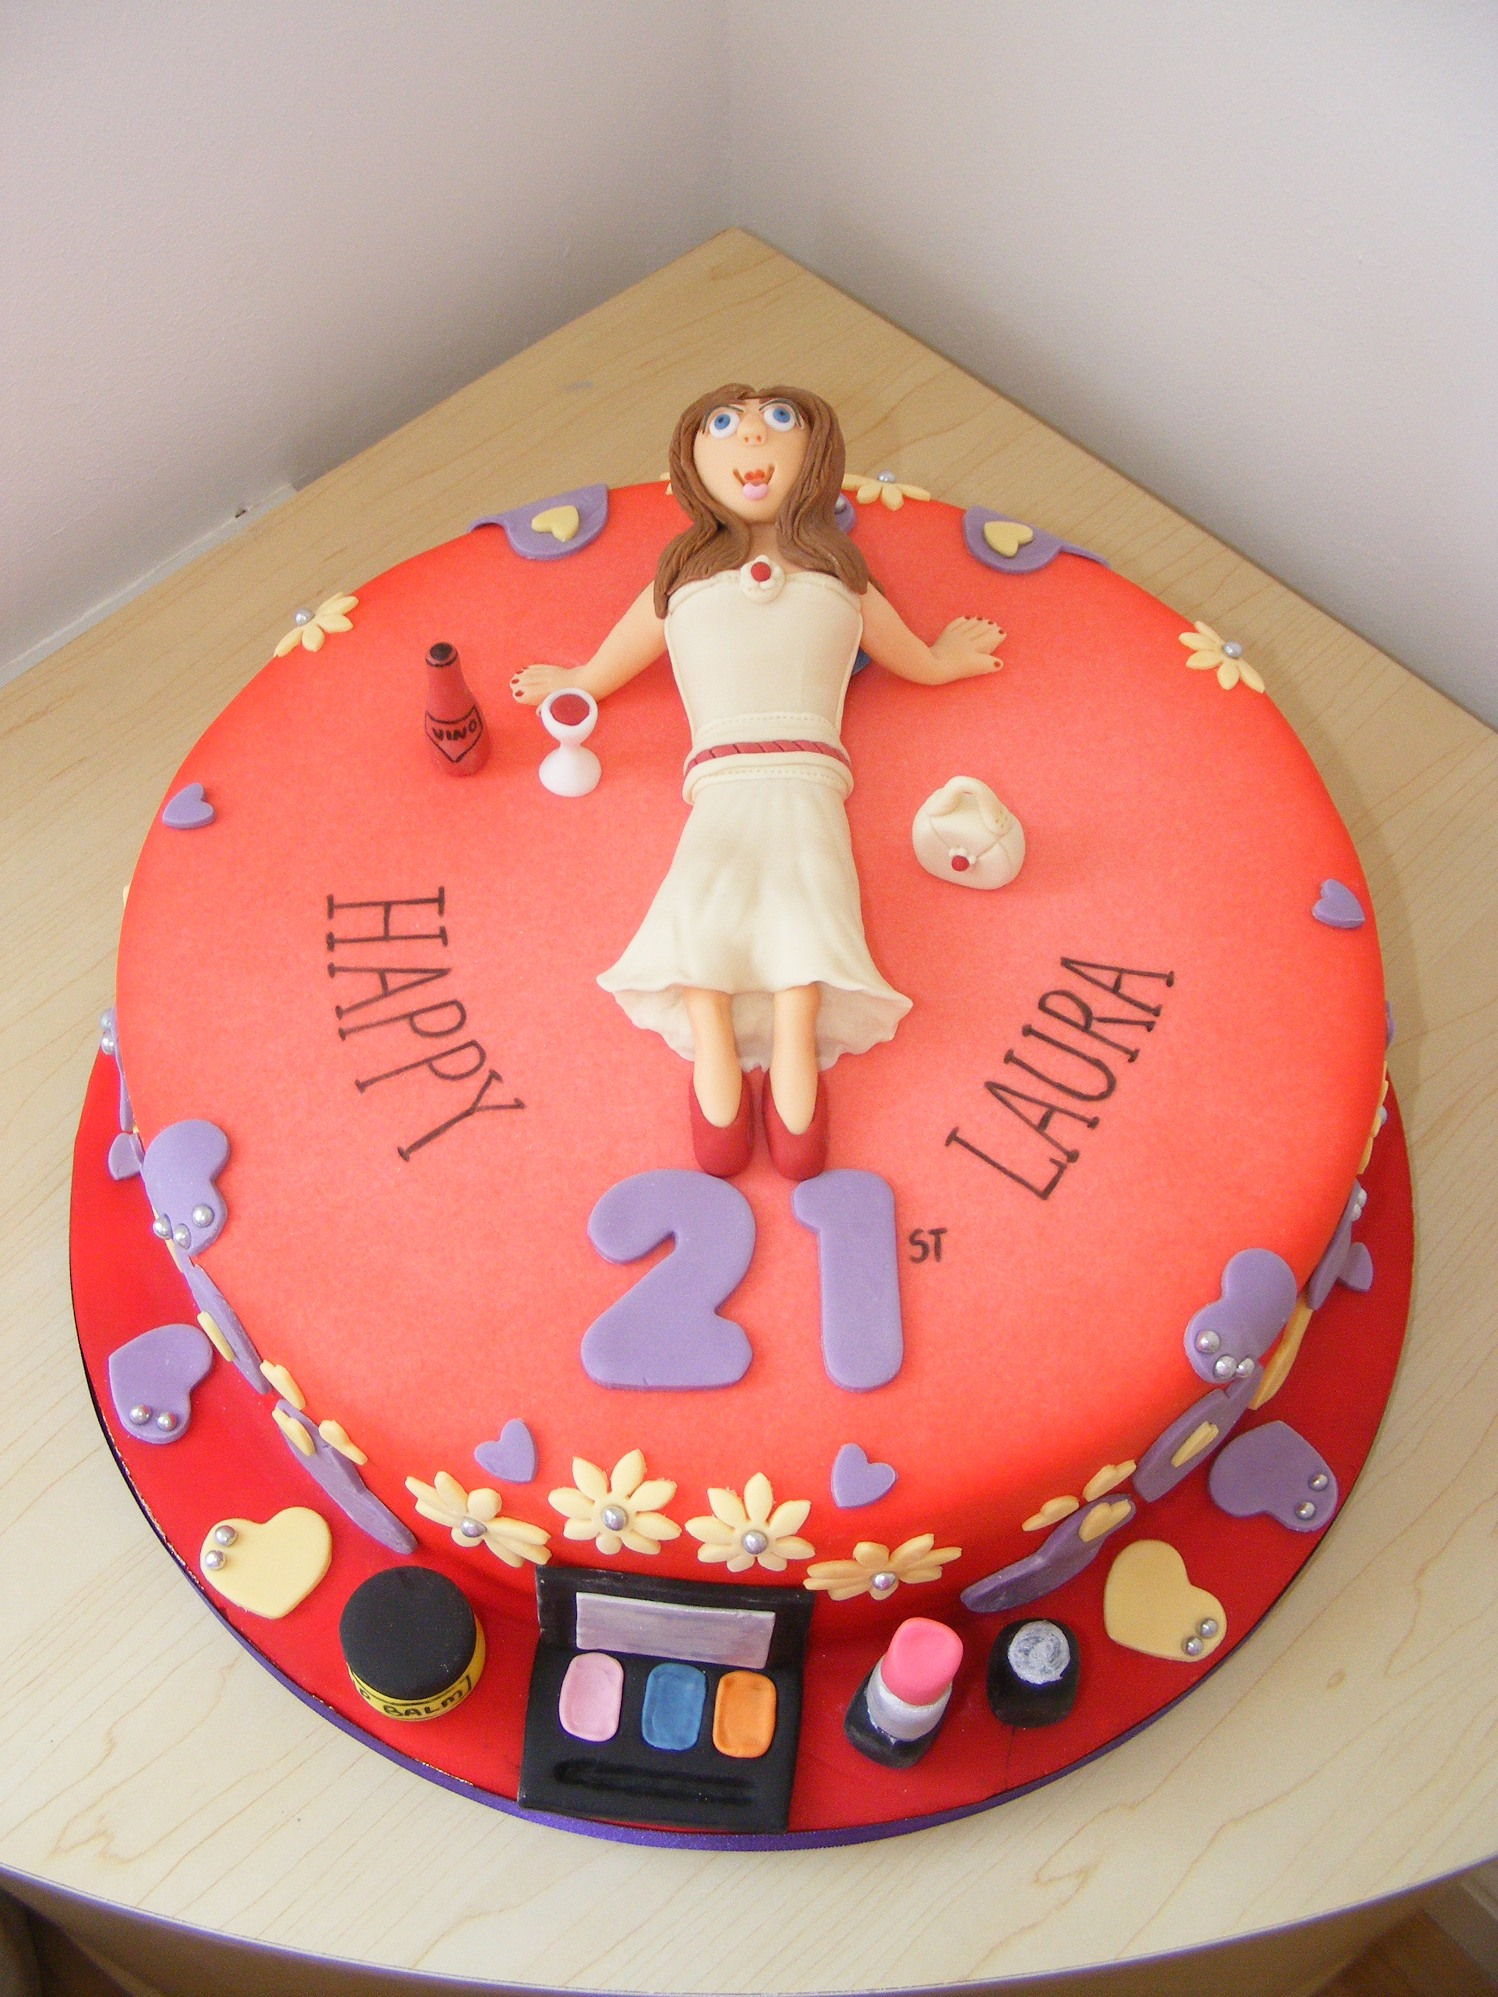 18th amp 21st cakes littlecakecharacters stoke on trent cake maker